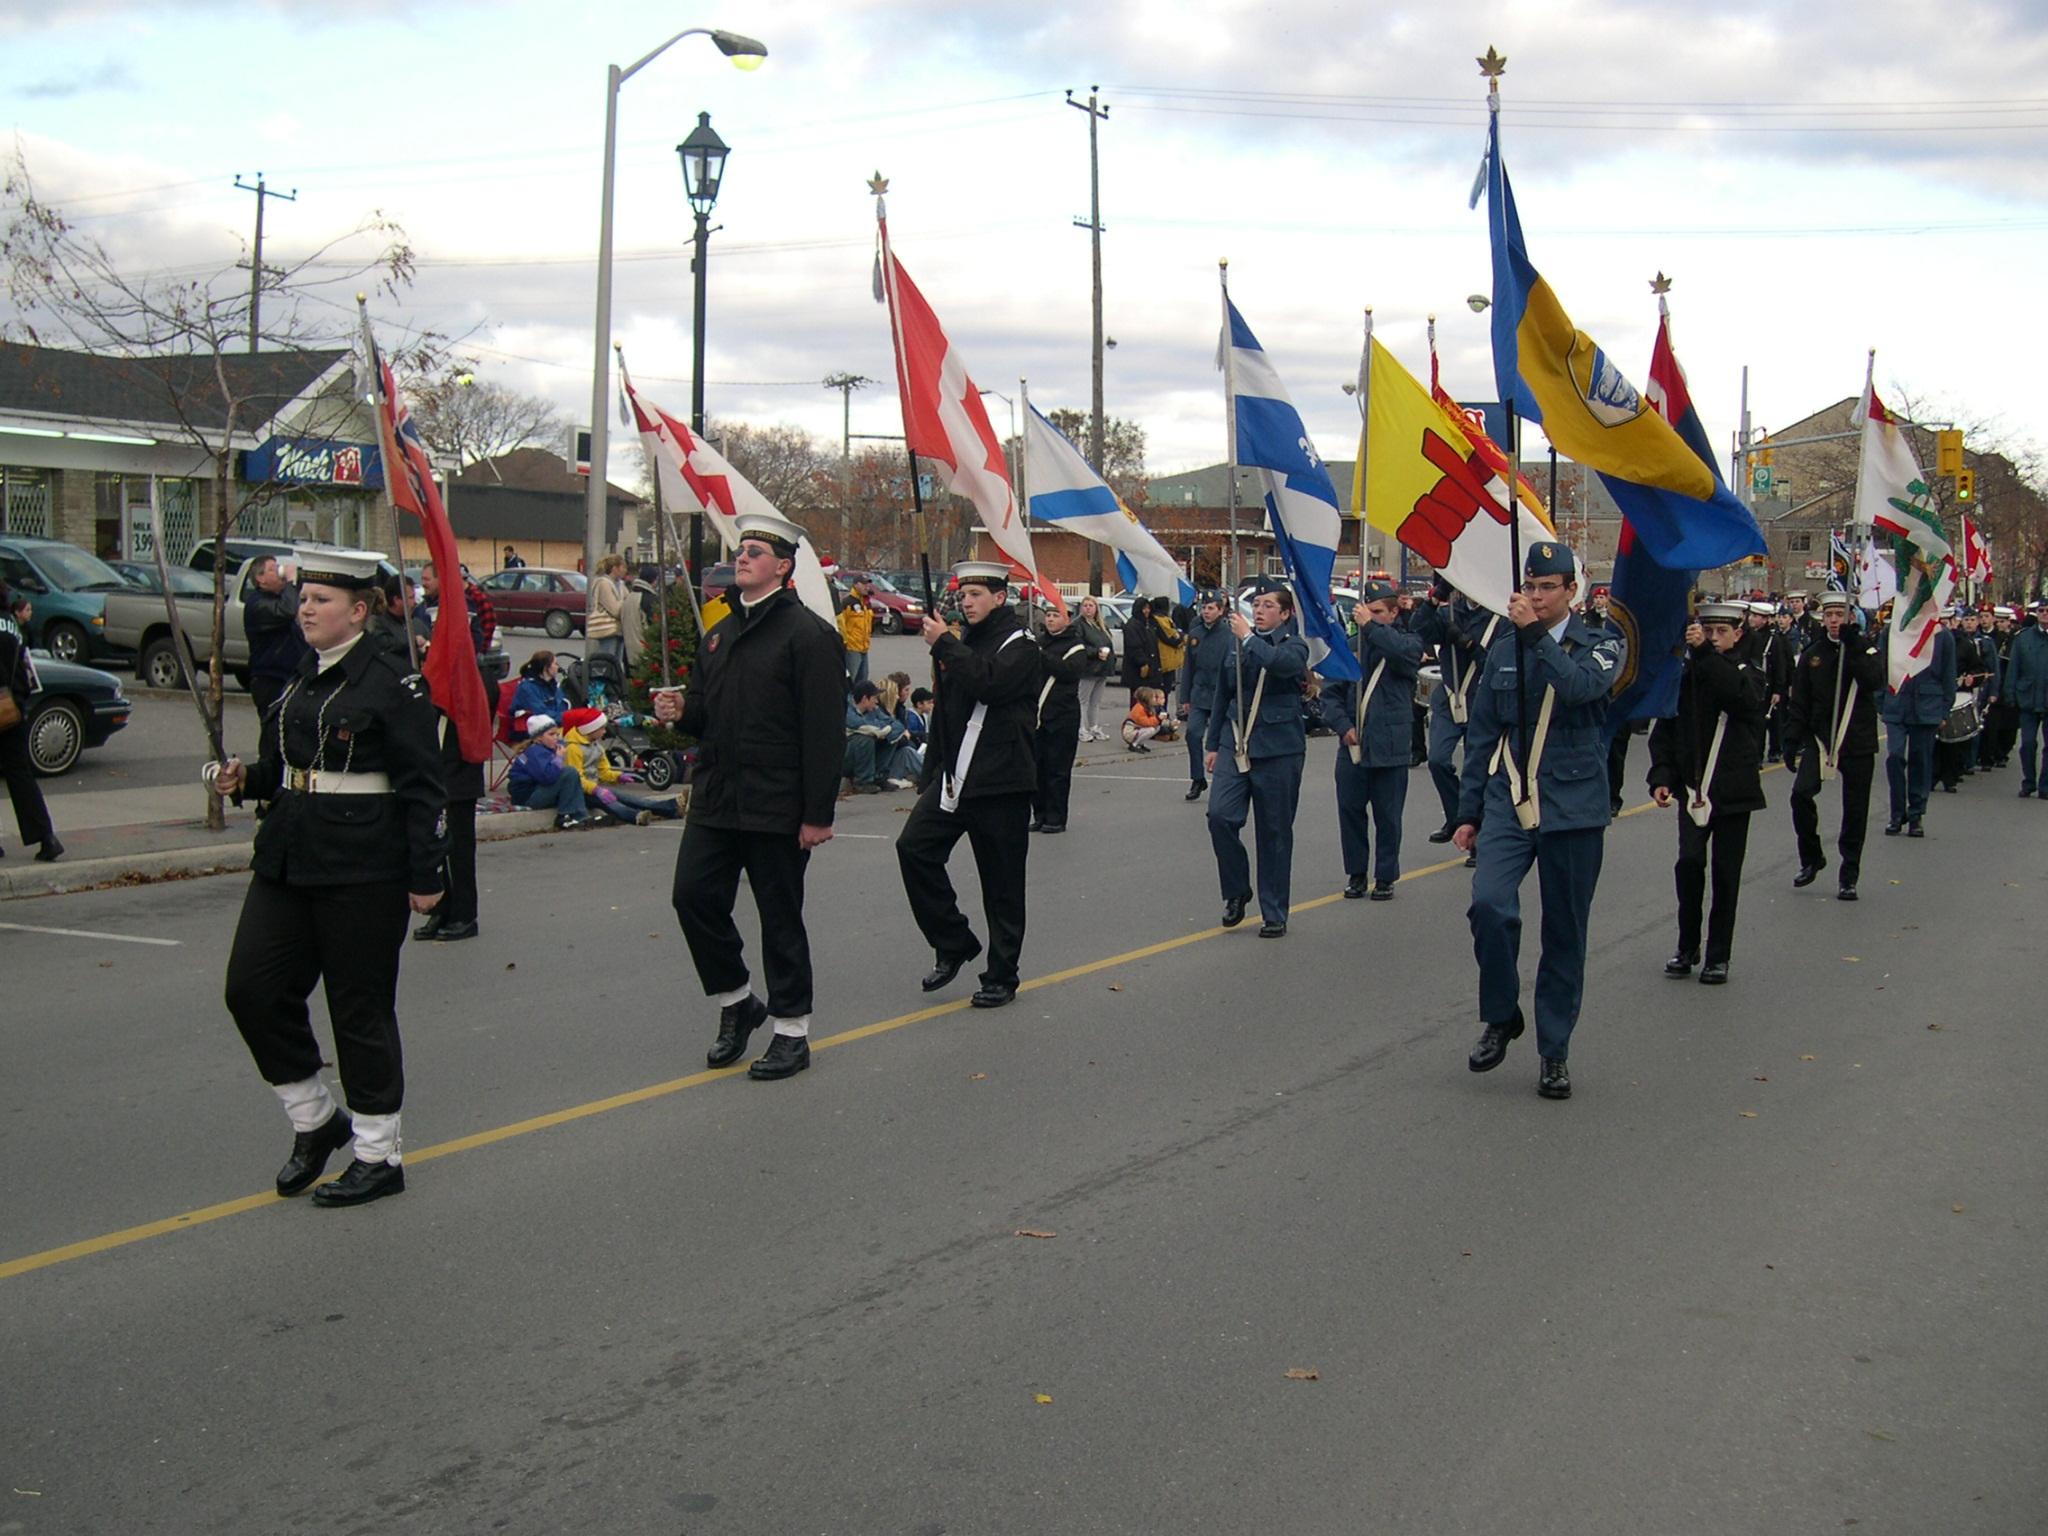 04-11-21 Cobourg Santa Claus Parade, Photo 15